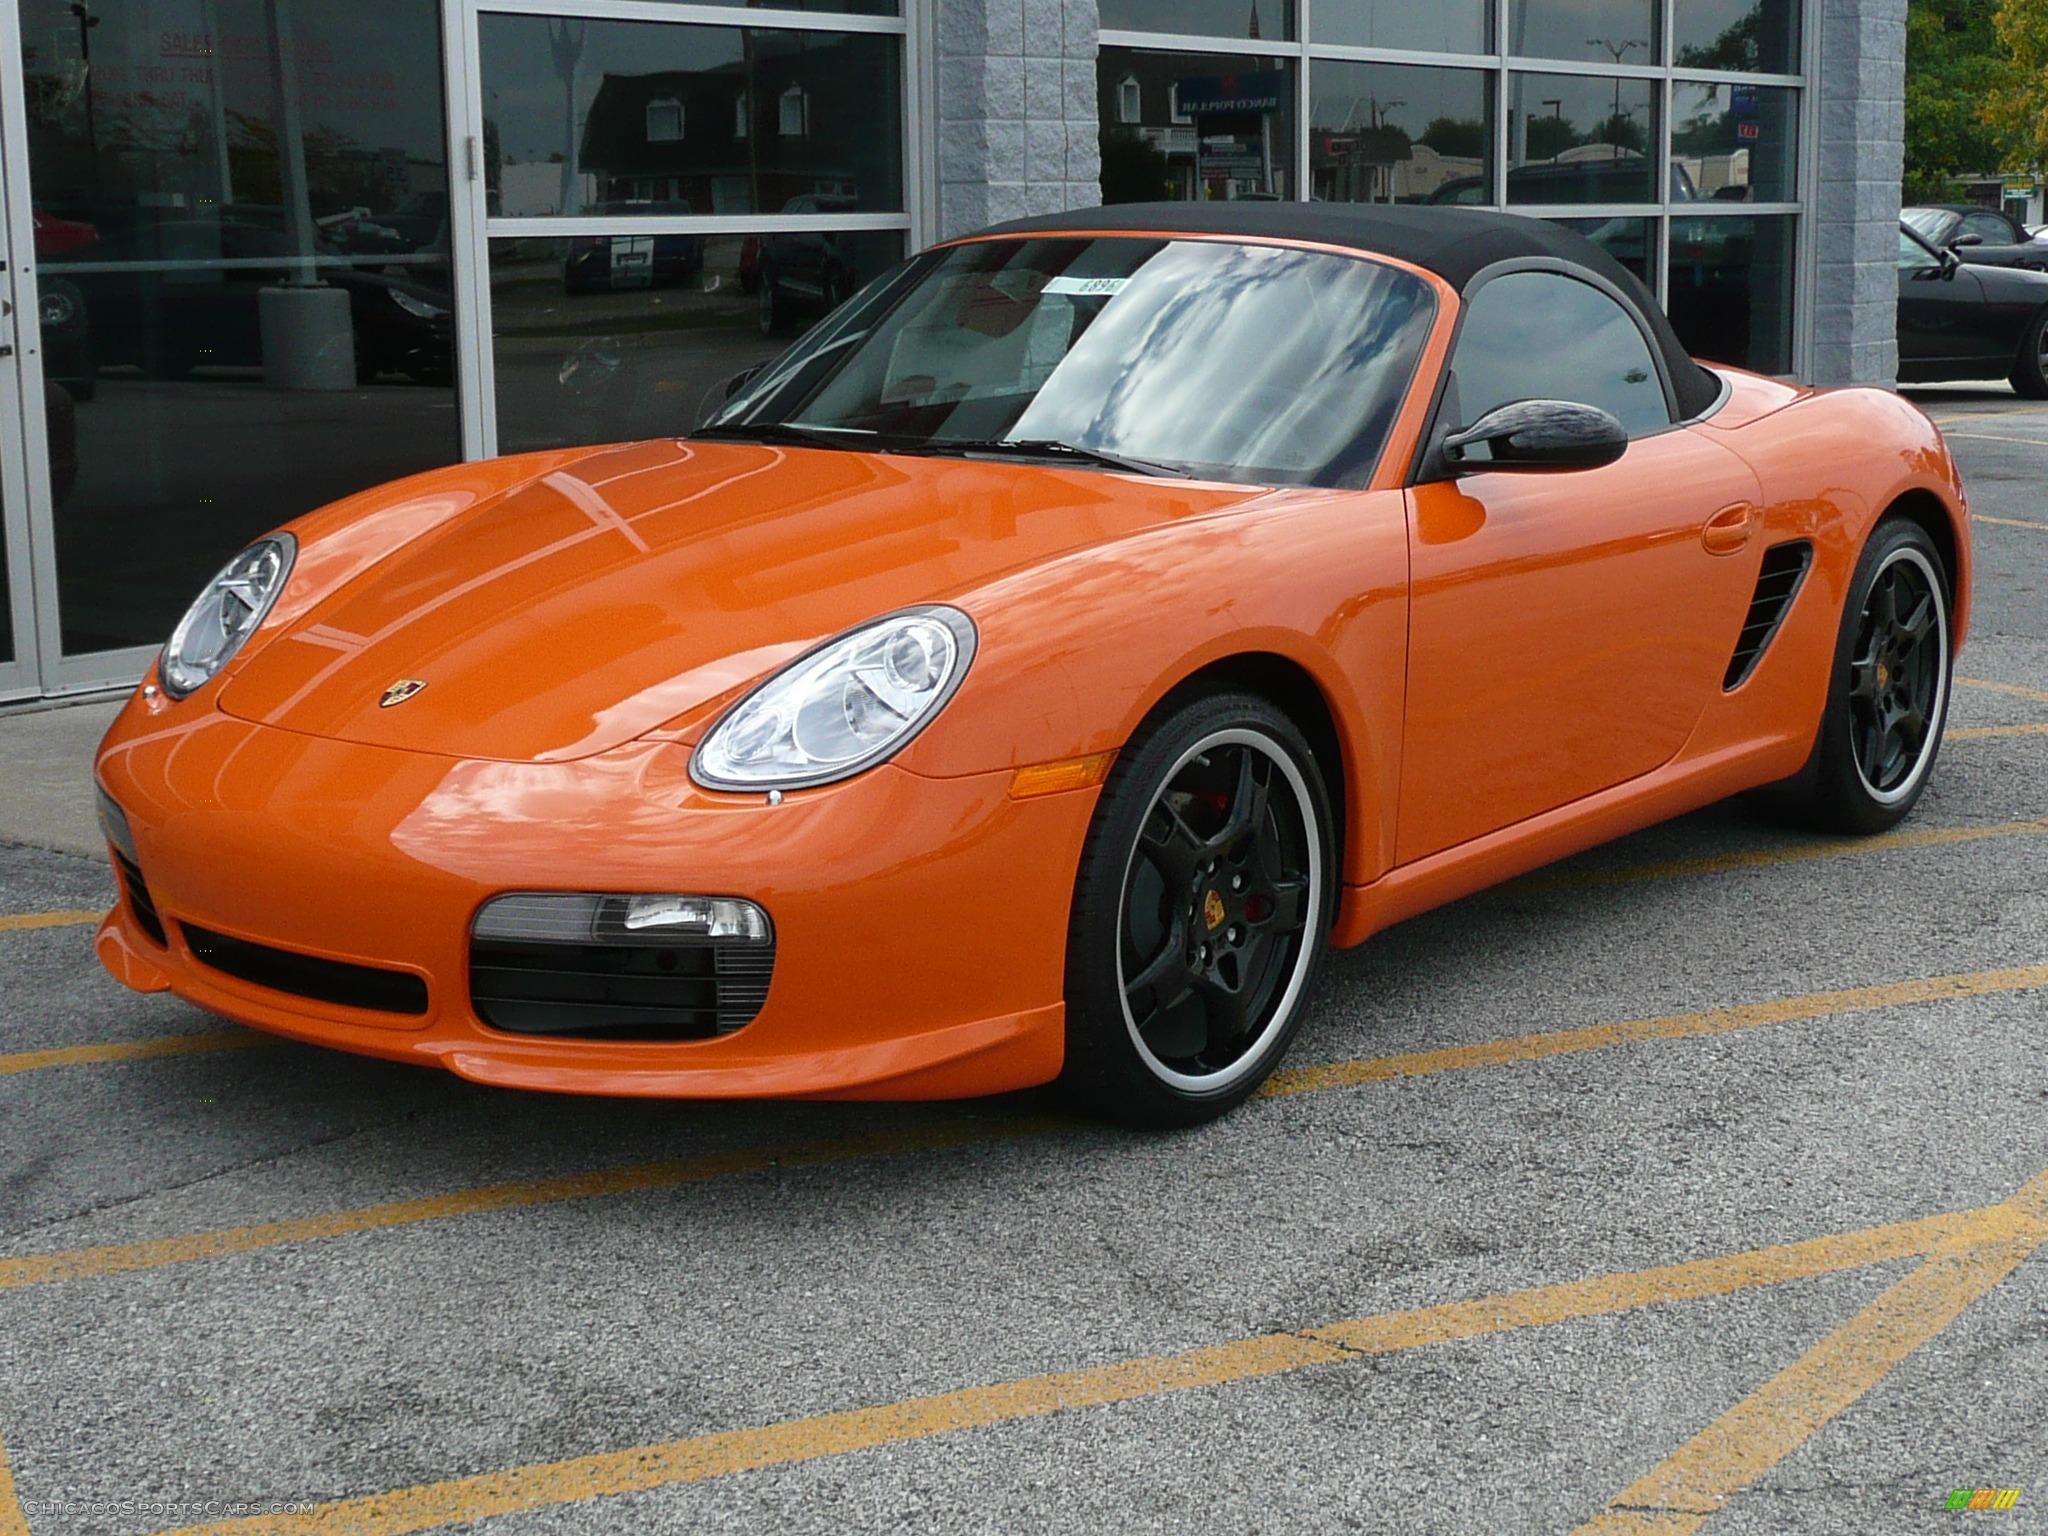 2008 Porsche Boxster S Limited Edition In Orange Photo 22